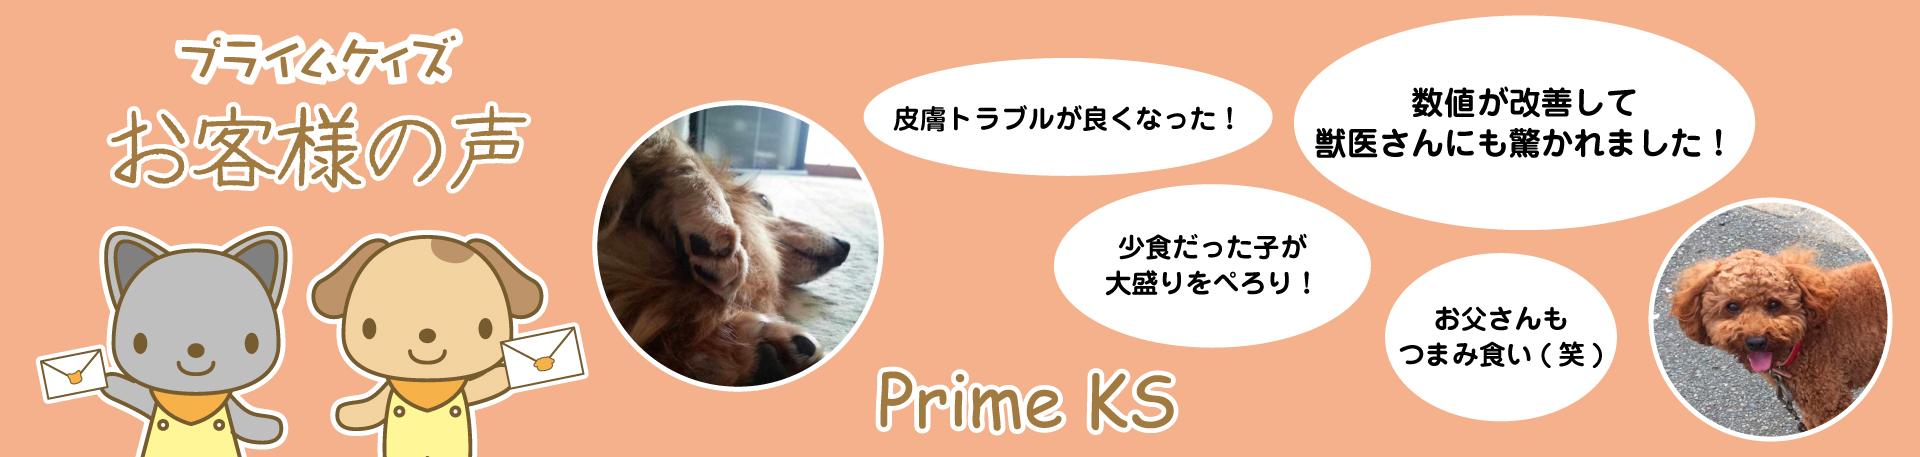 【PrimeKS/さかい企画】お客様の声